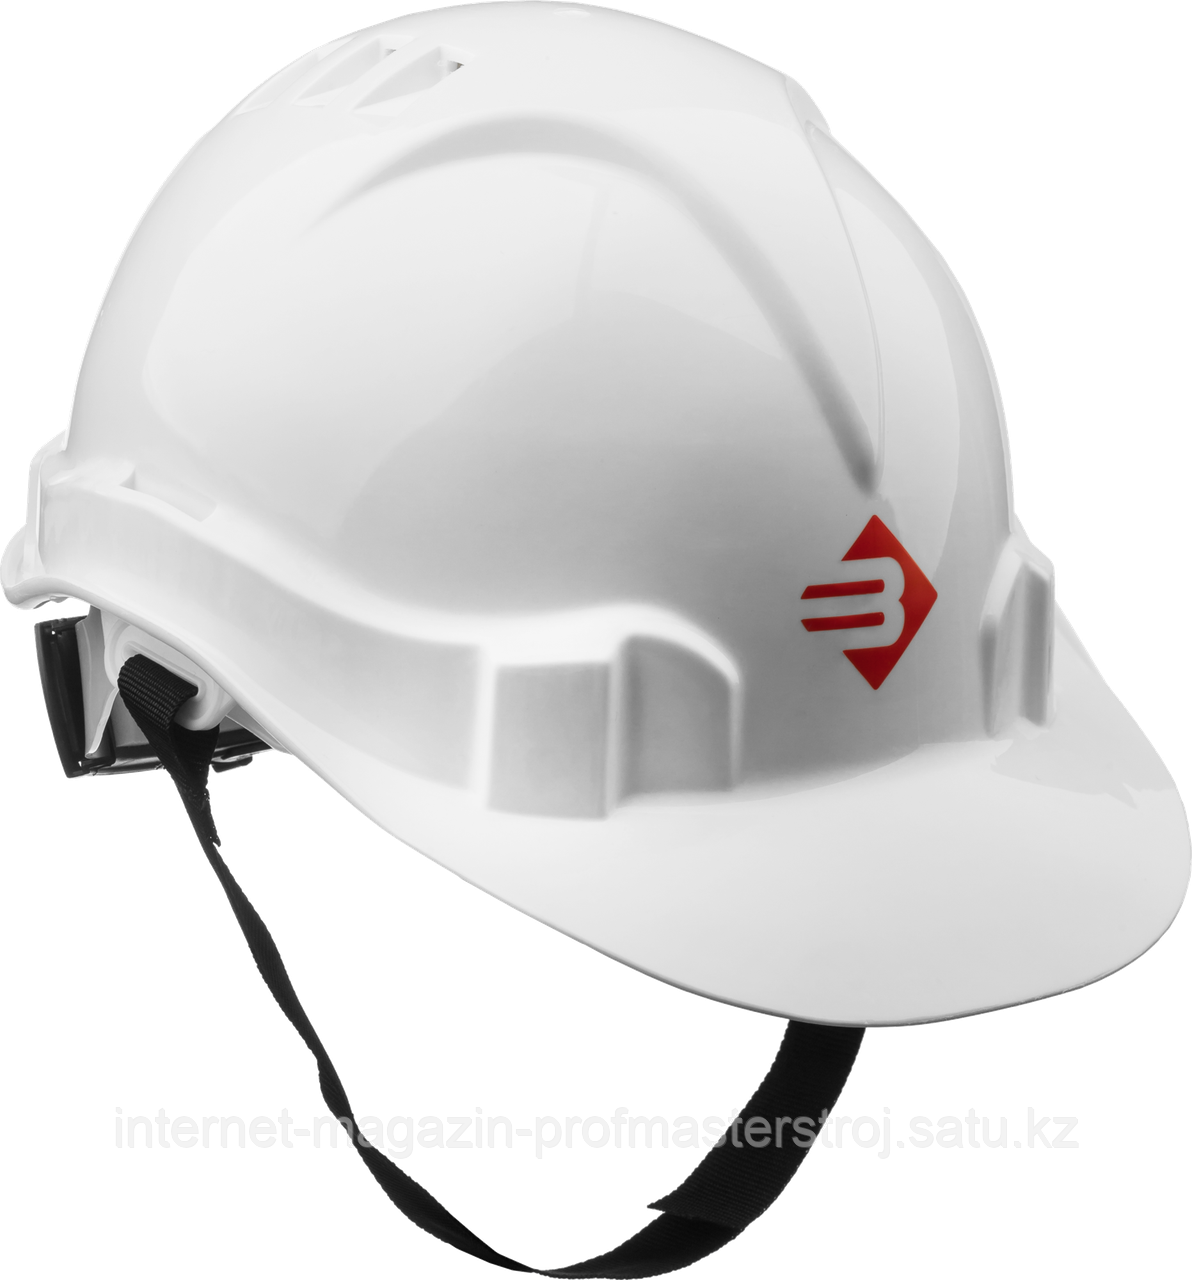 Каска защитная, 52-62 см, белая, серия «ЭКСПЕРТ», ЗУБР